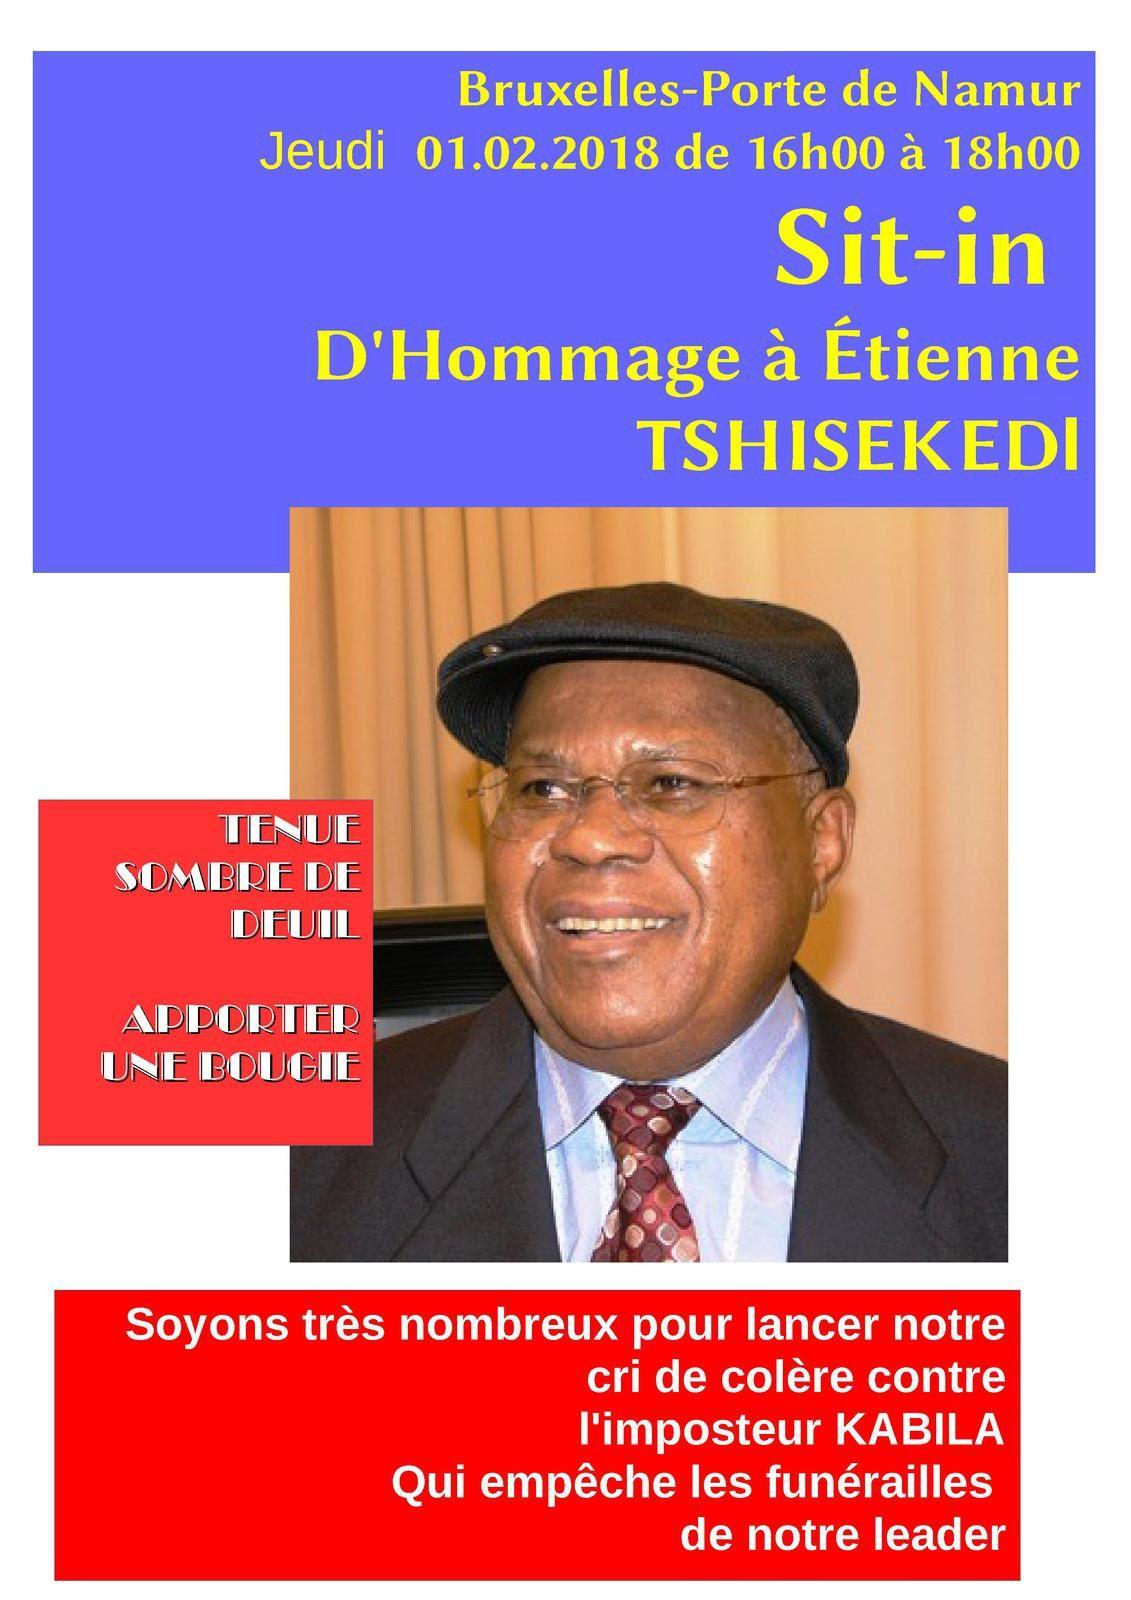 Invitation sit-in à Bruxelles en hommage à Etienne Tshisekedi